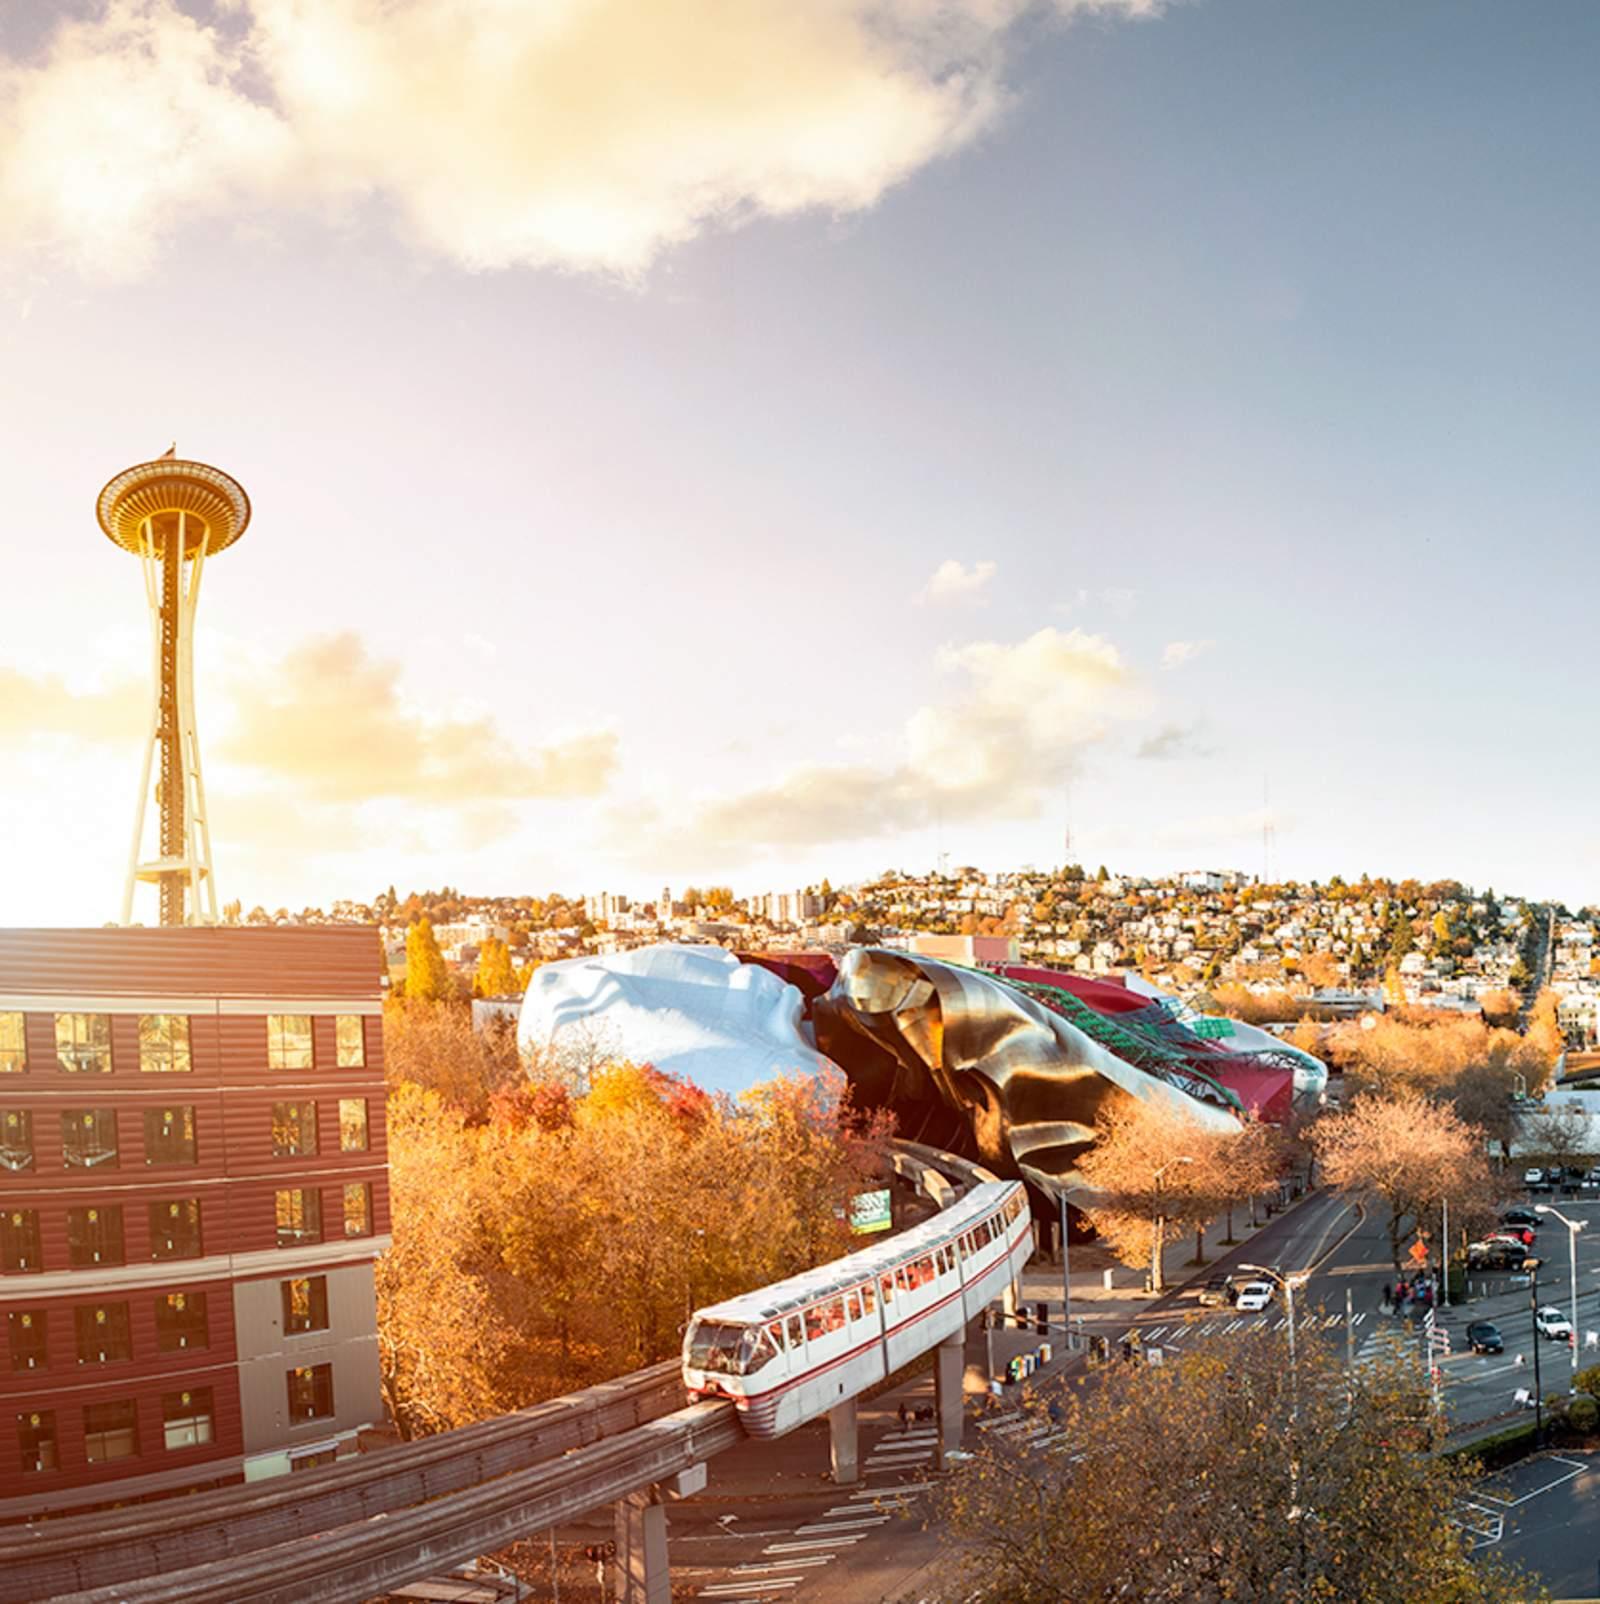 Eine Monorail Bahn fährt in das Museum of Pop Culture in Seattle